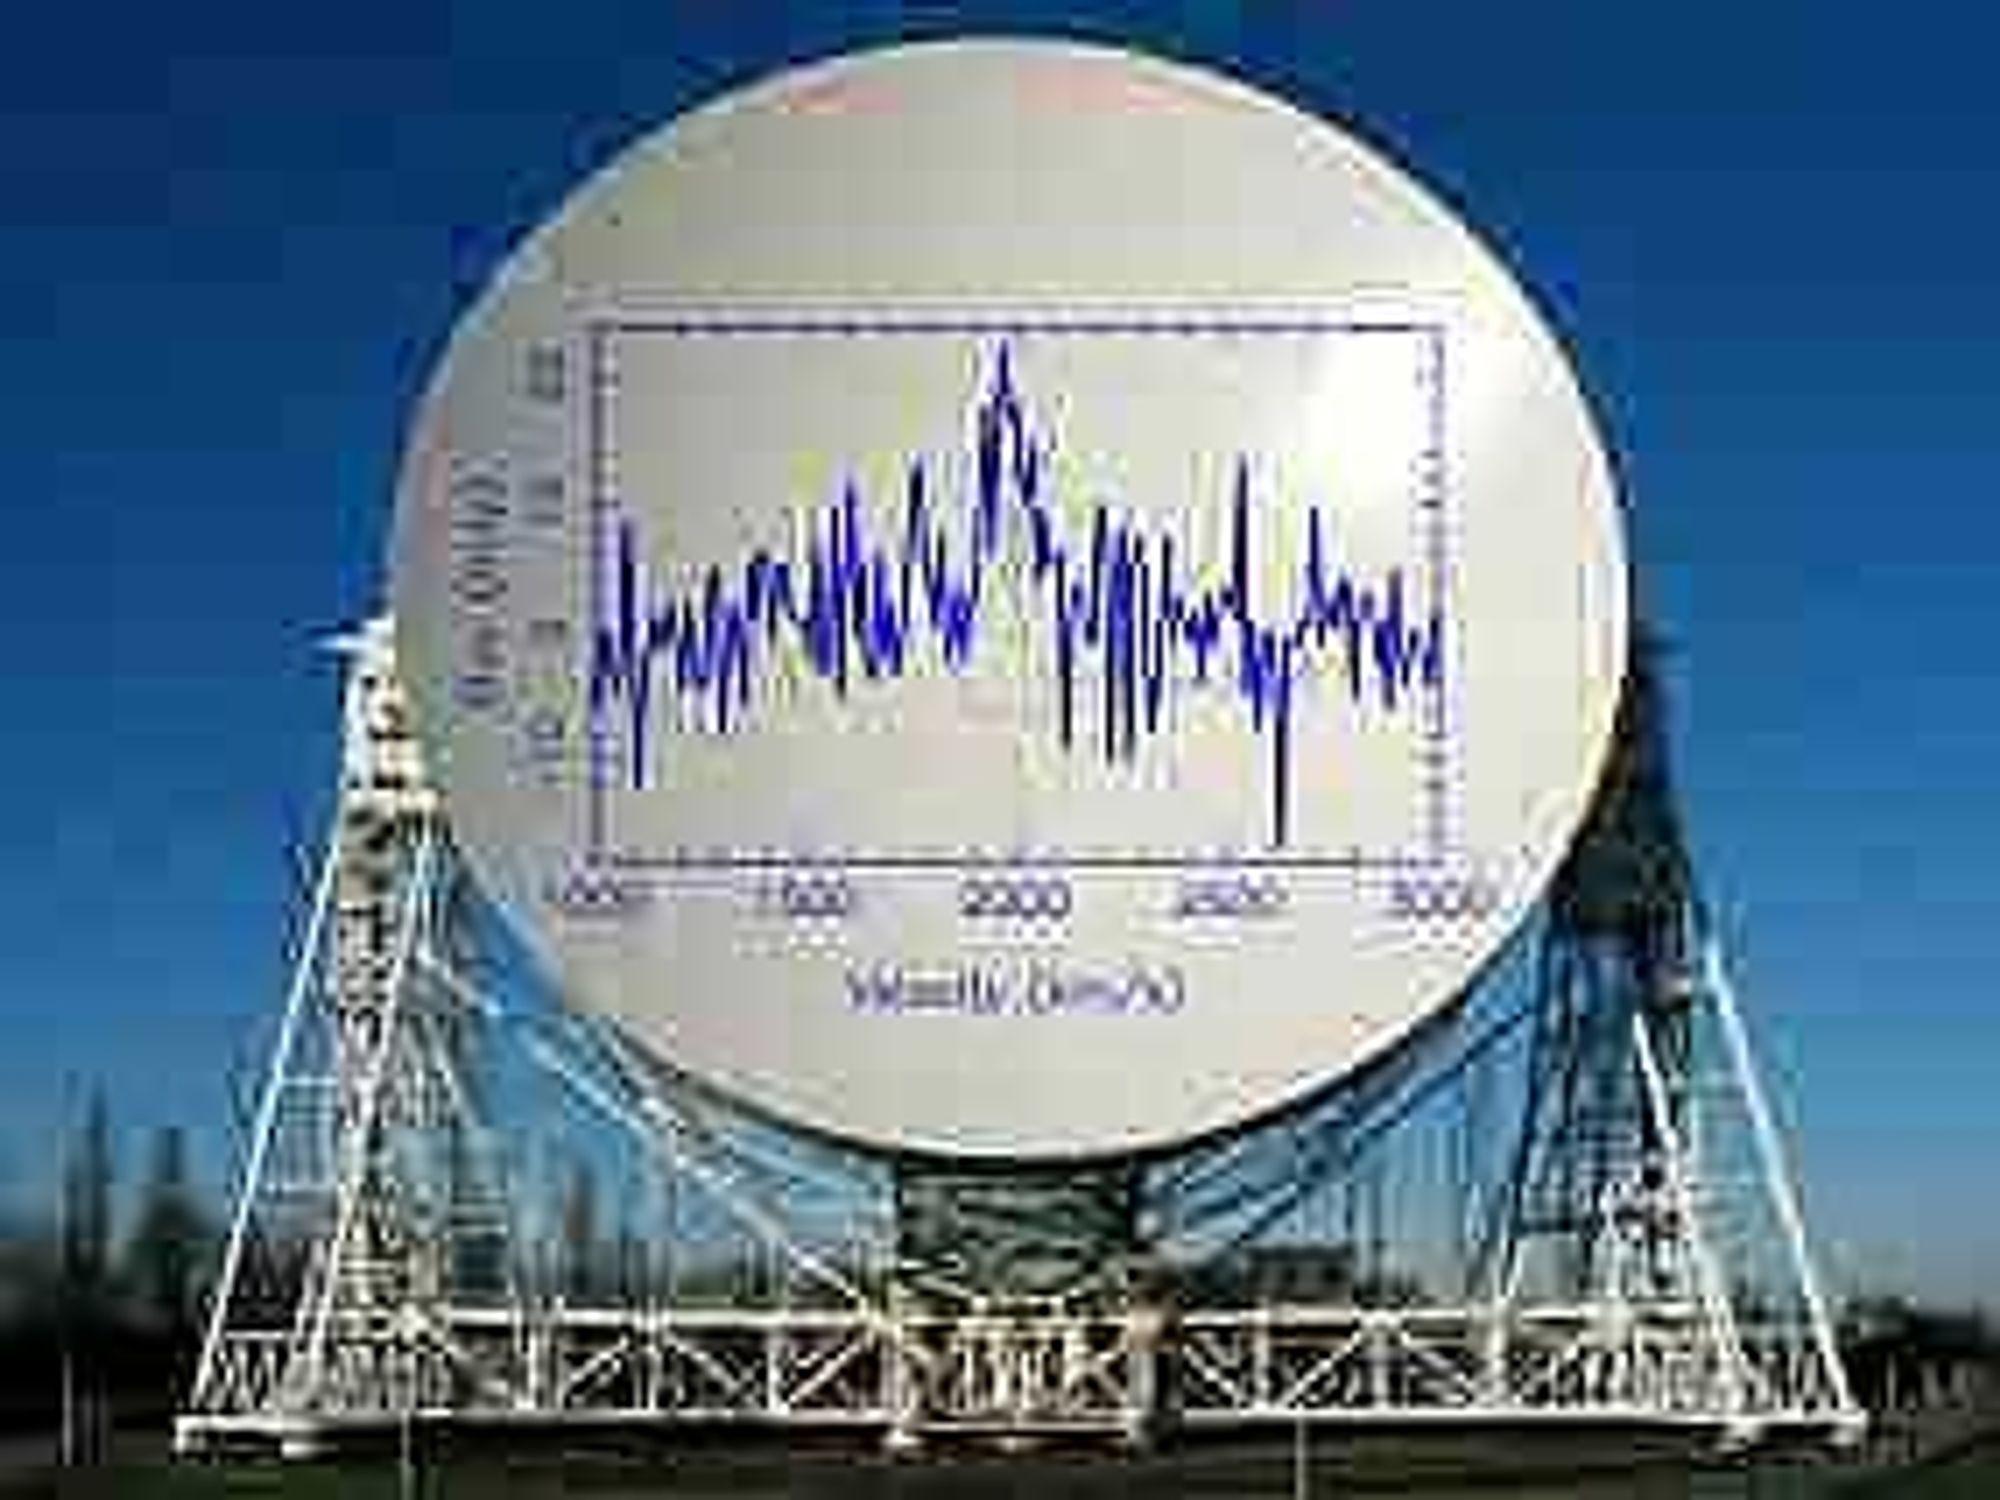 Det enorme radioteleskopet Jodrell i Manchester har gjort vår første oppdagelse av en mørk galakse. Foto: Jodrell